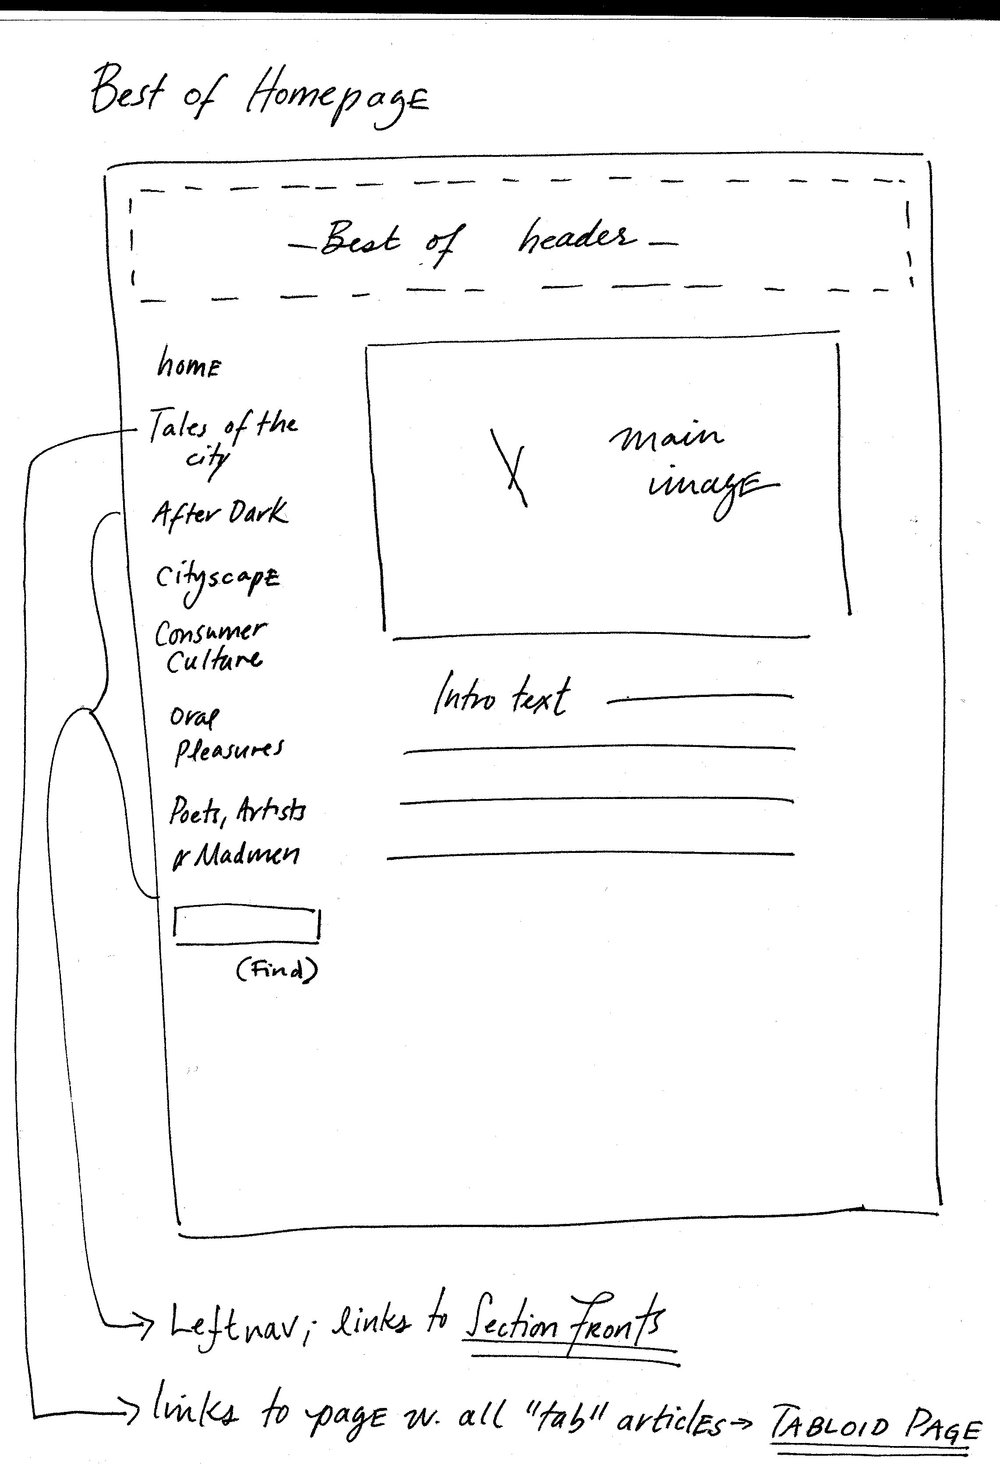 best-of-site-homepage-sketch-of-atlanta_42820137_o.jpg